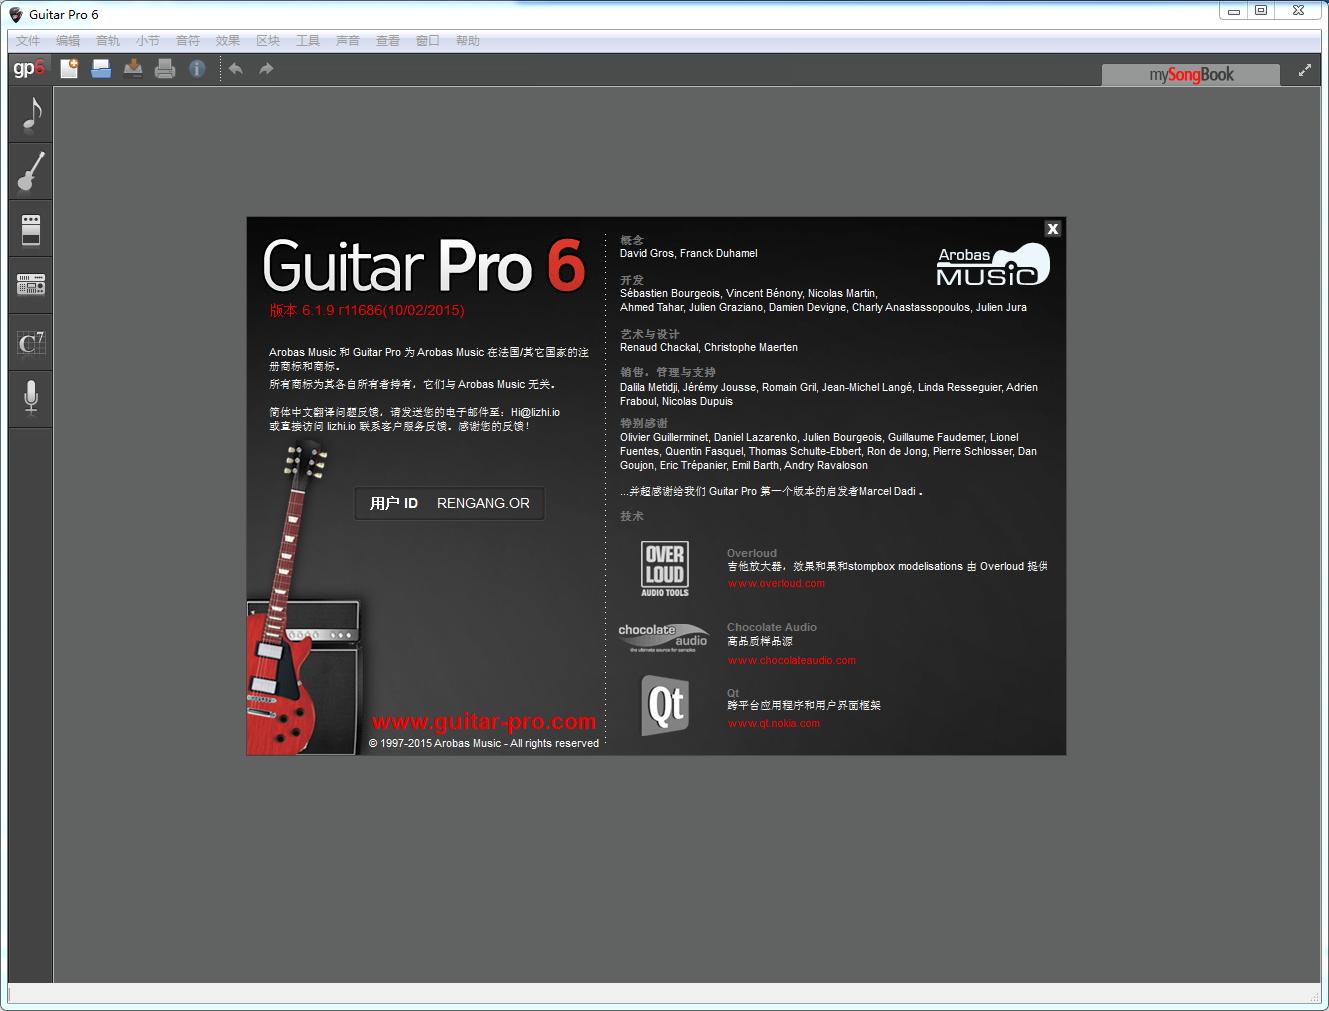 Guitar_Pro_6_界面.png